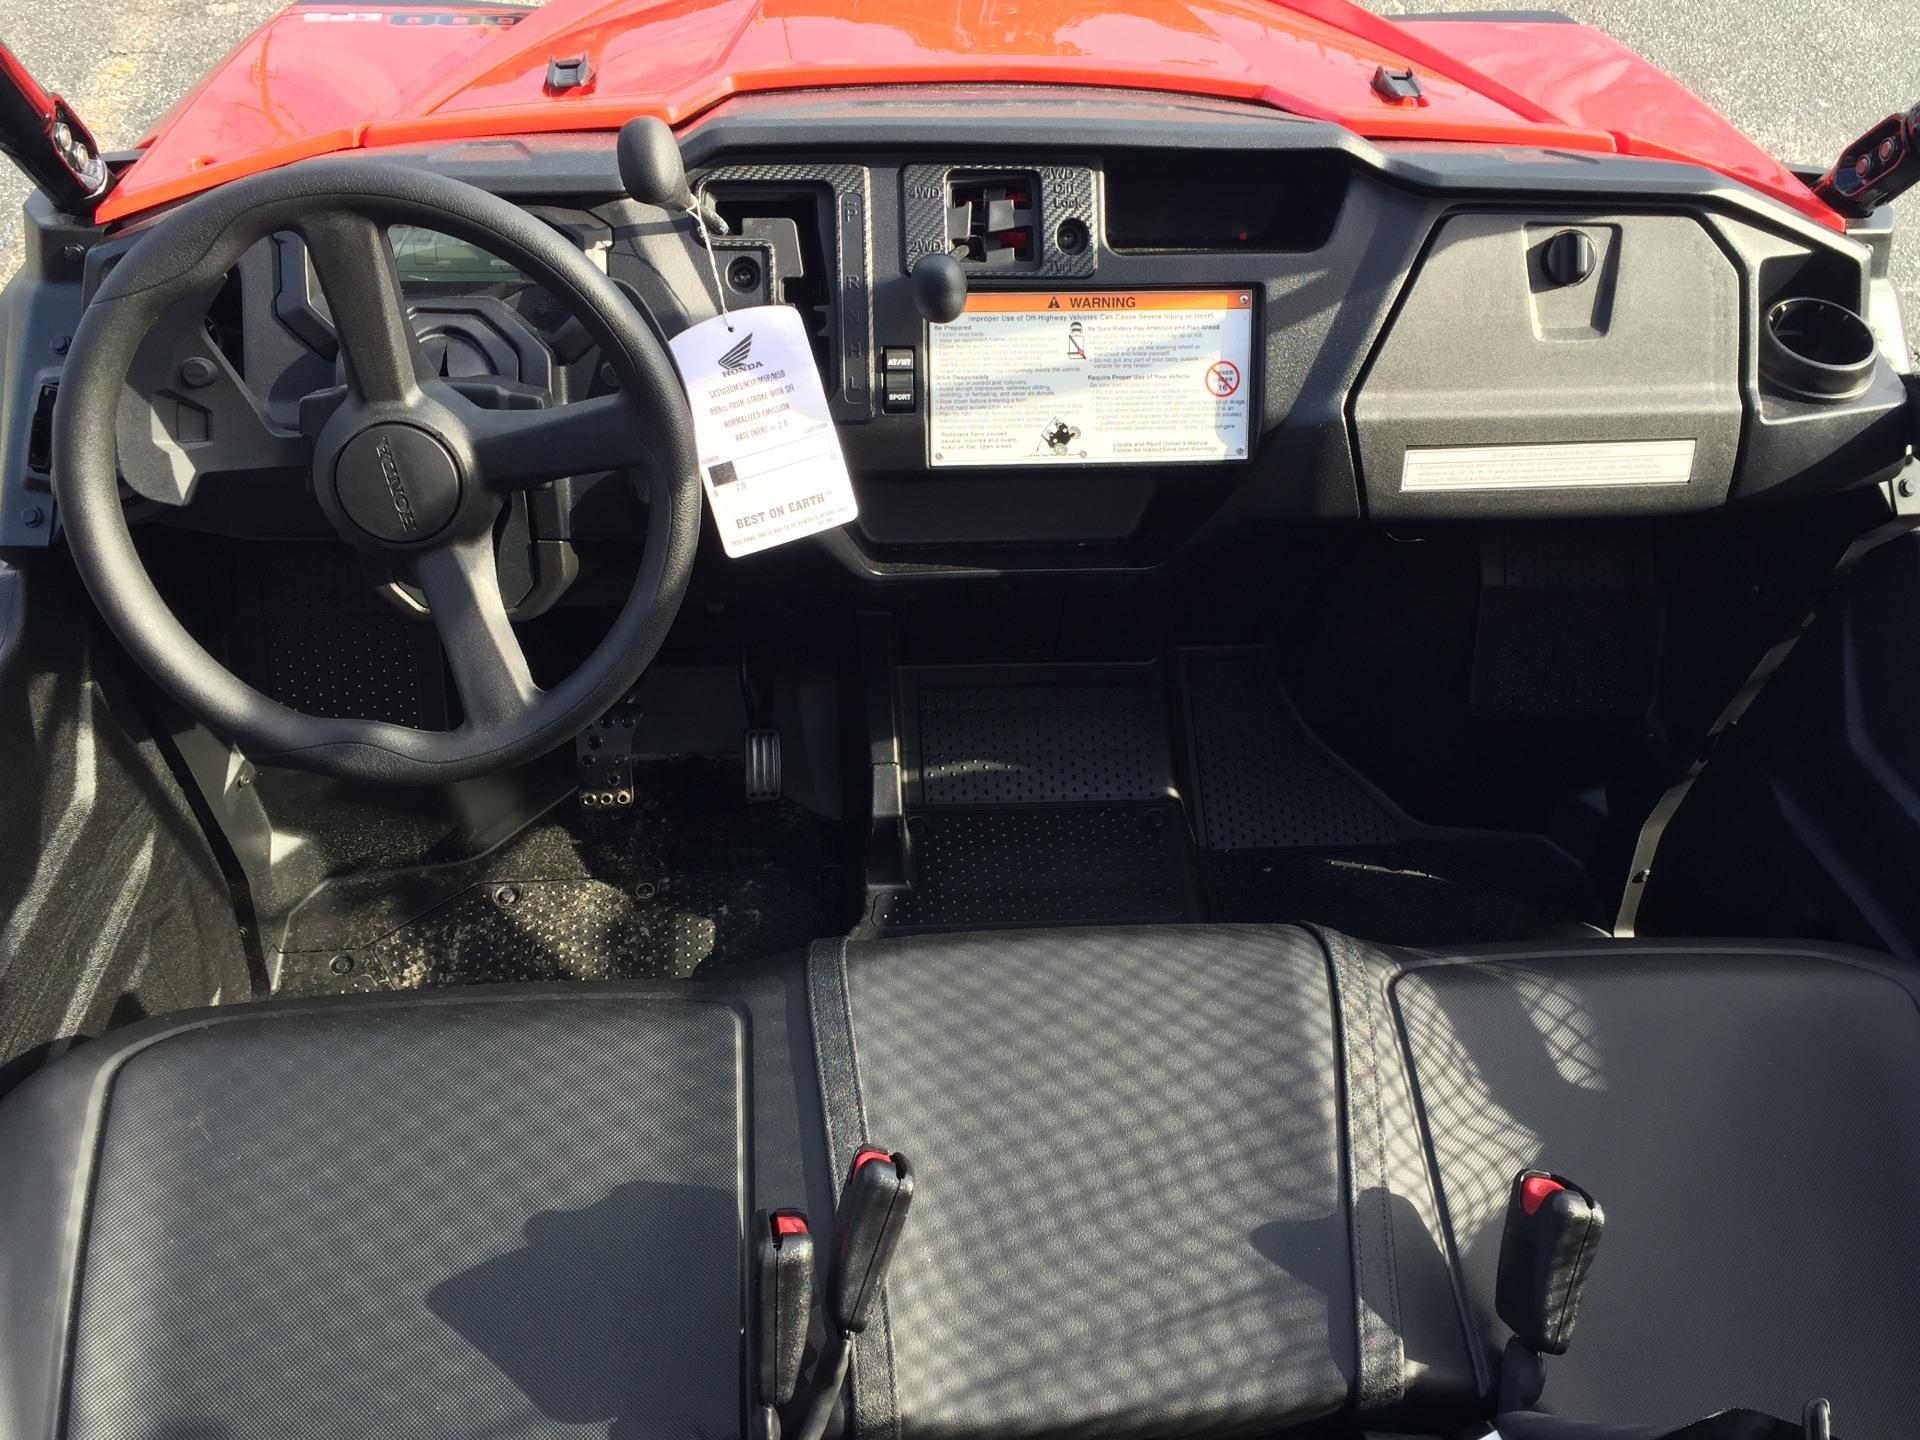 2016 Honda Pioneer 1000 EPS 4